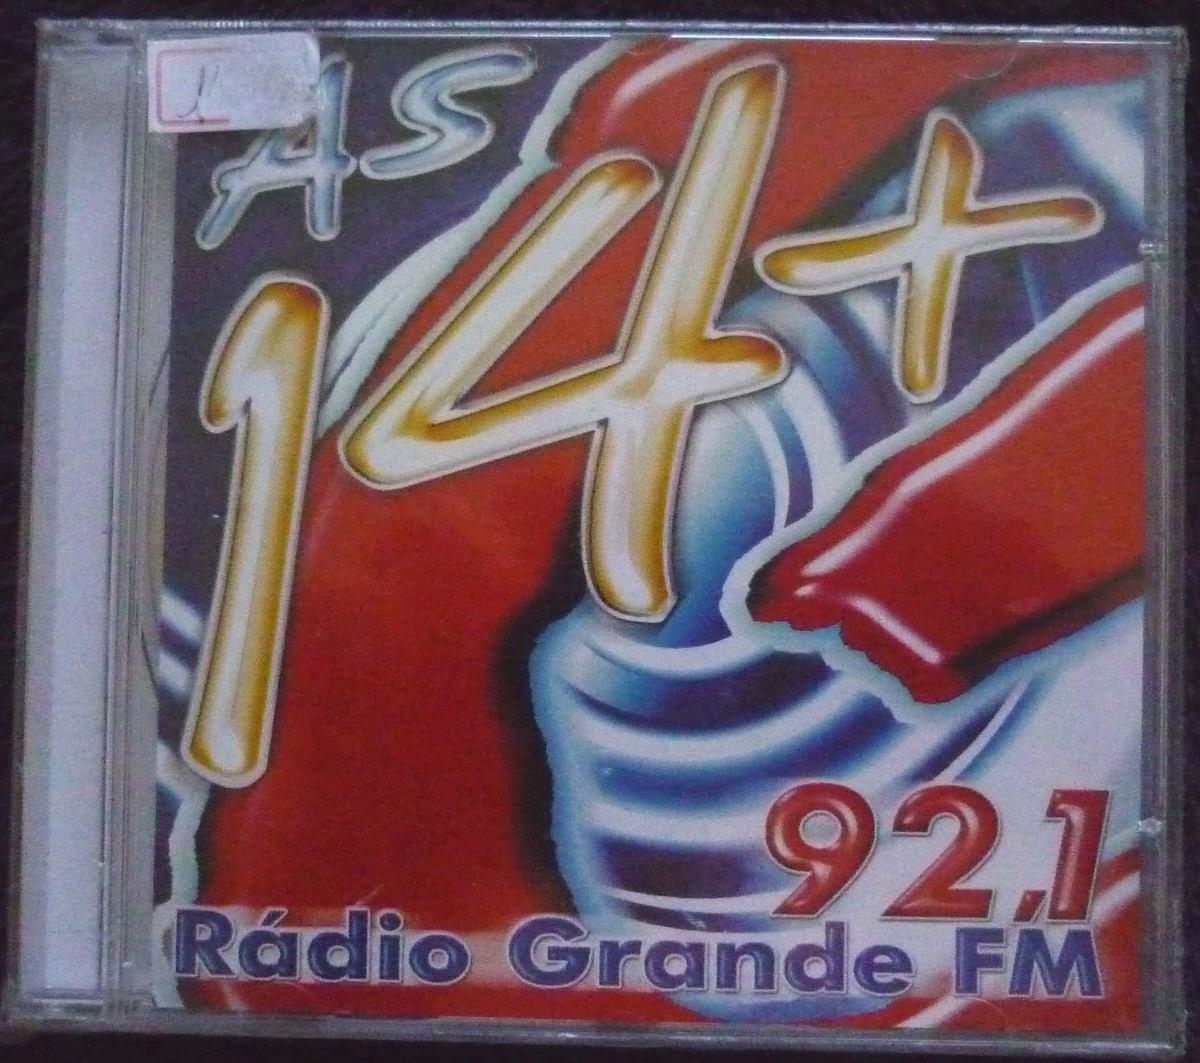 Cd Rádio Grande 92 d2d6d7330b542